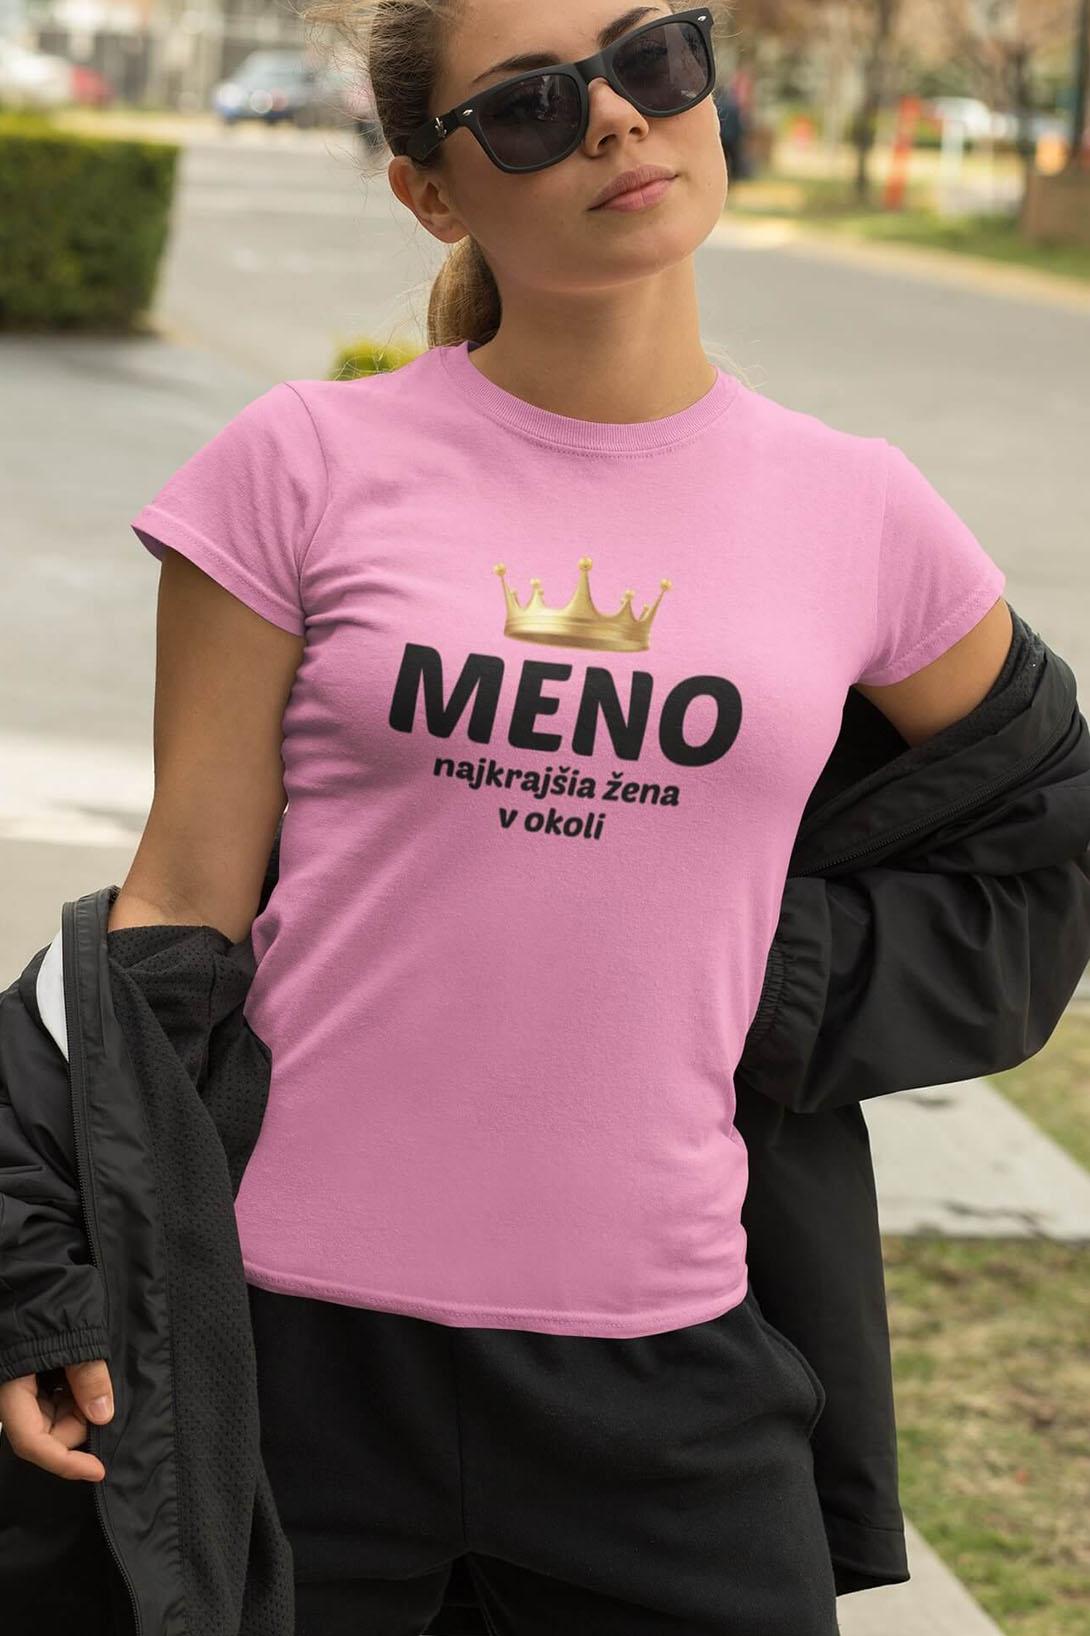 MMO Dámske tričko Najkrajšia žena v okolí Vyberte farbu: Smaragdovozelená, Vyberte veľkosť: M